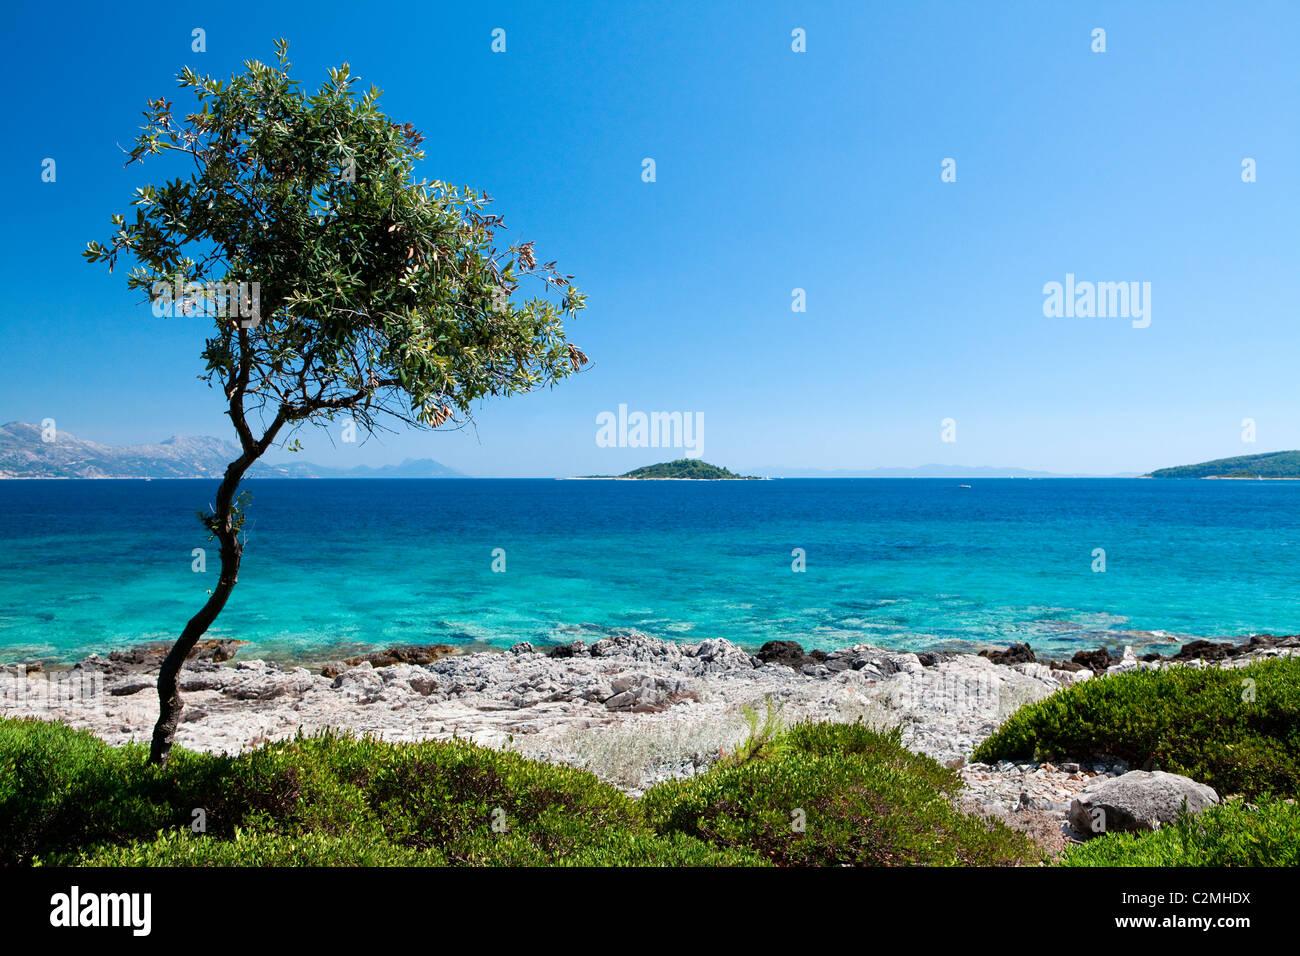 L'île de Korkula à Badija (Croatie). Photo Stock